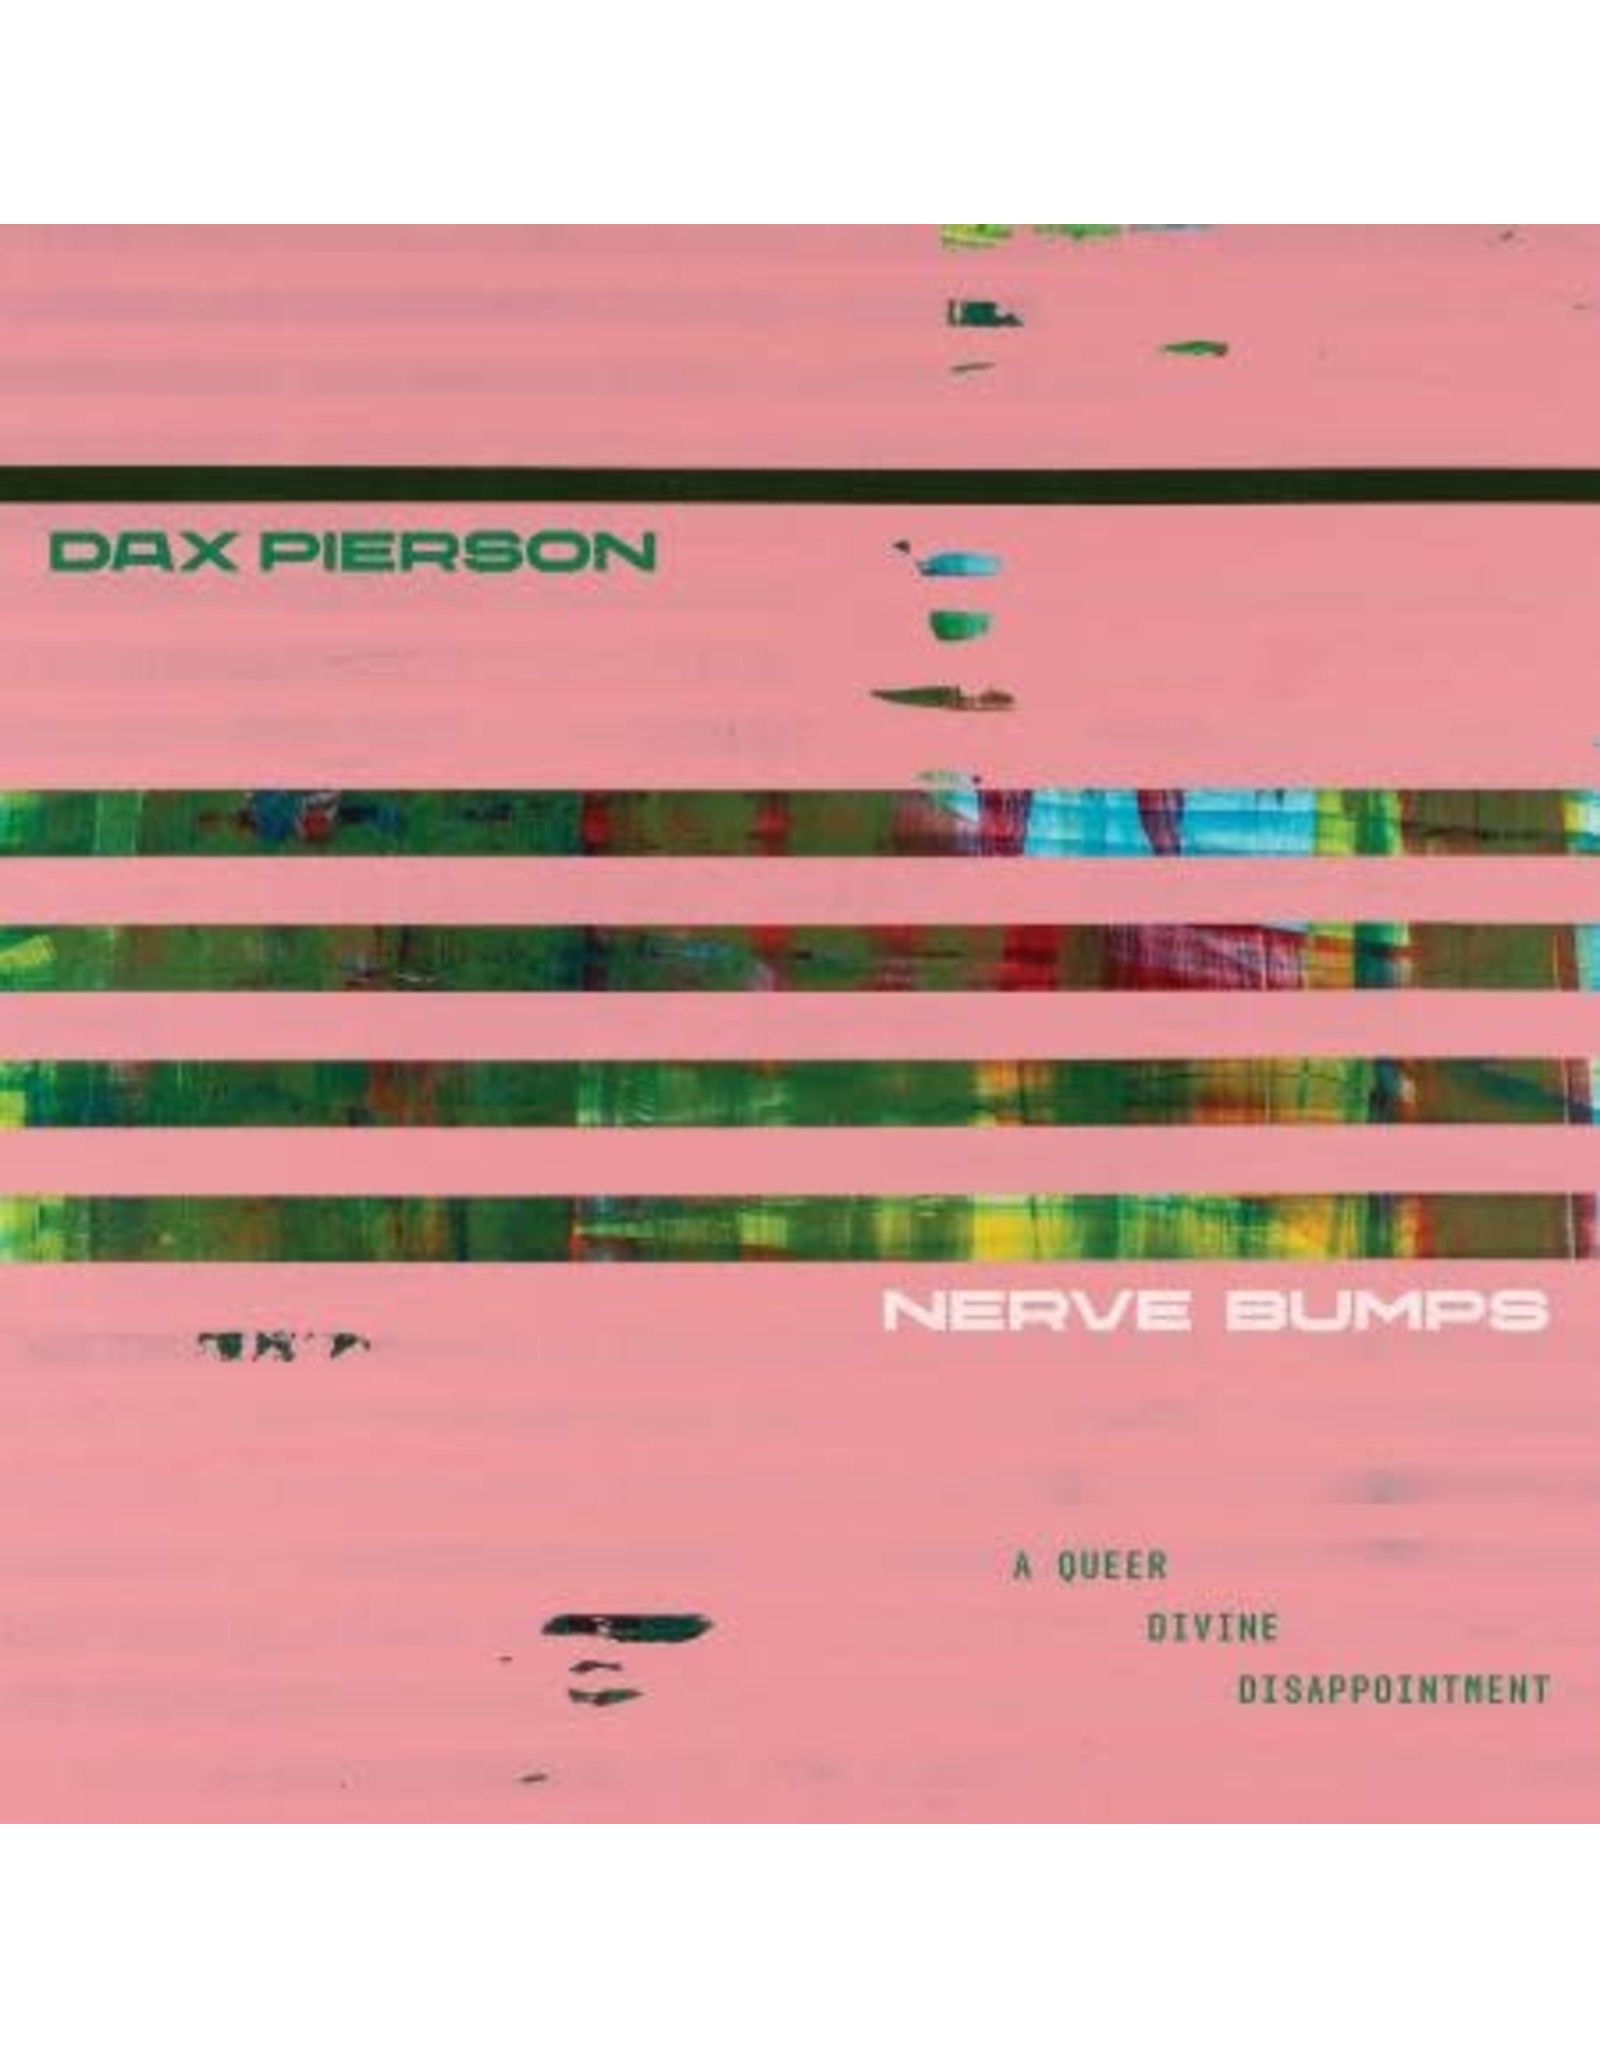 New Vinyl Dax Pierson - Nerve Bumps (A Queer Divine Disappointment) LP